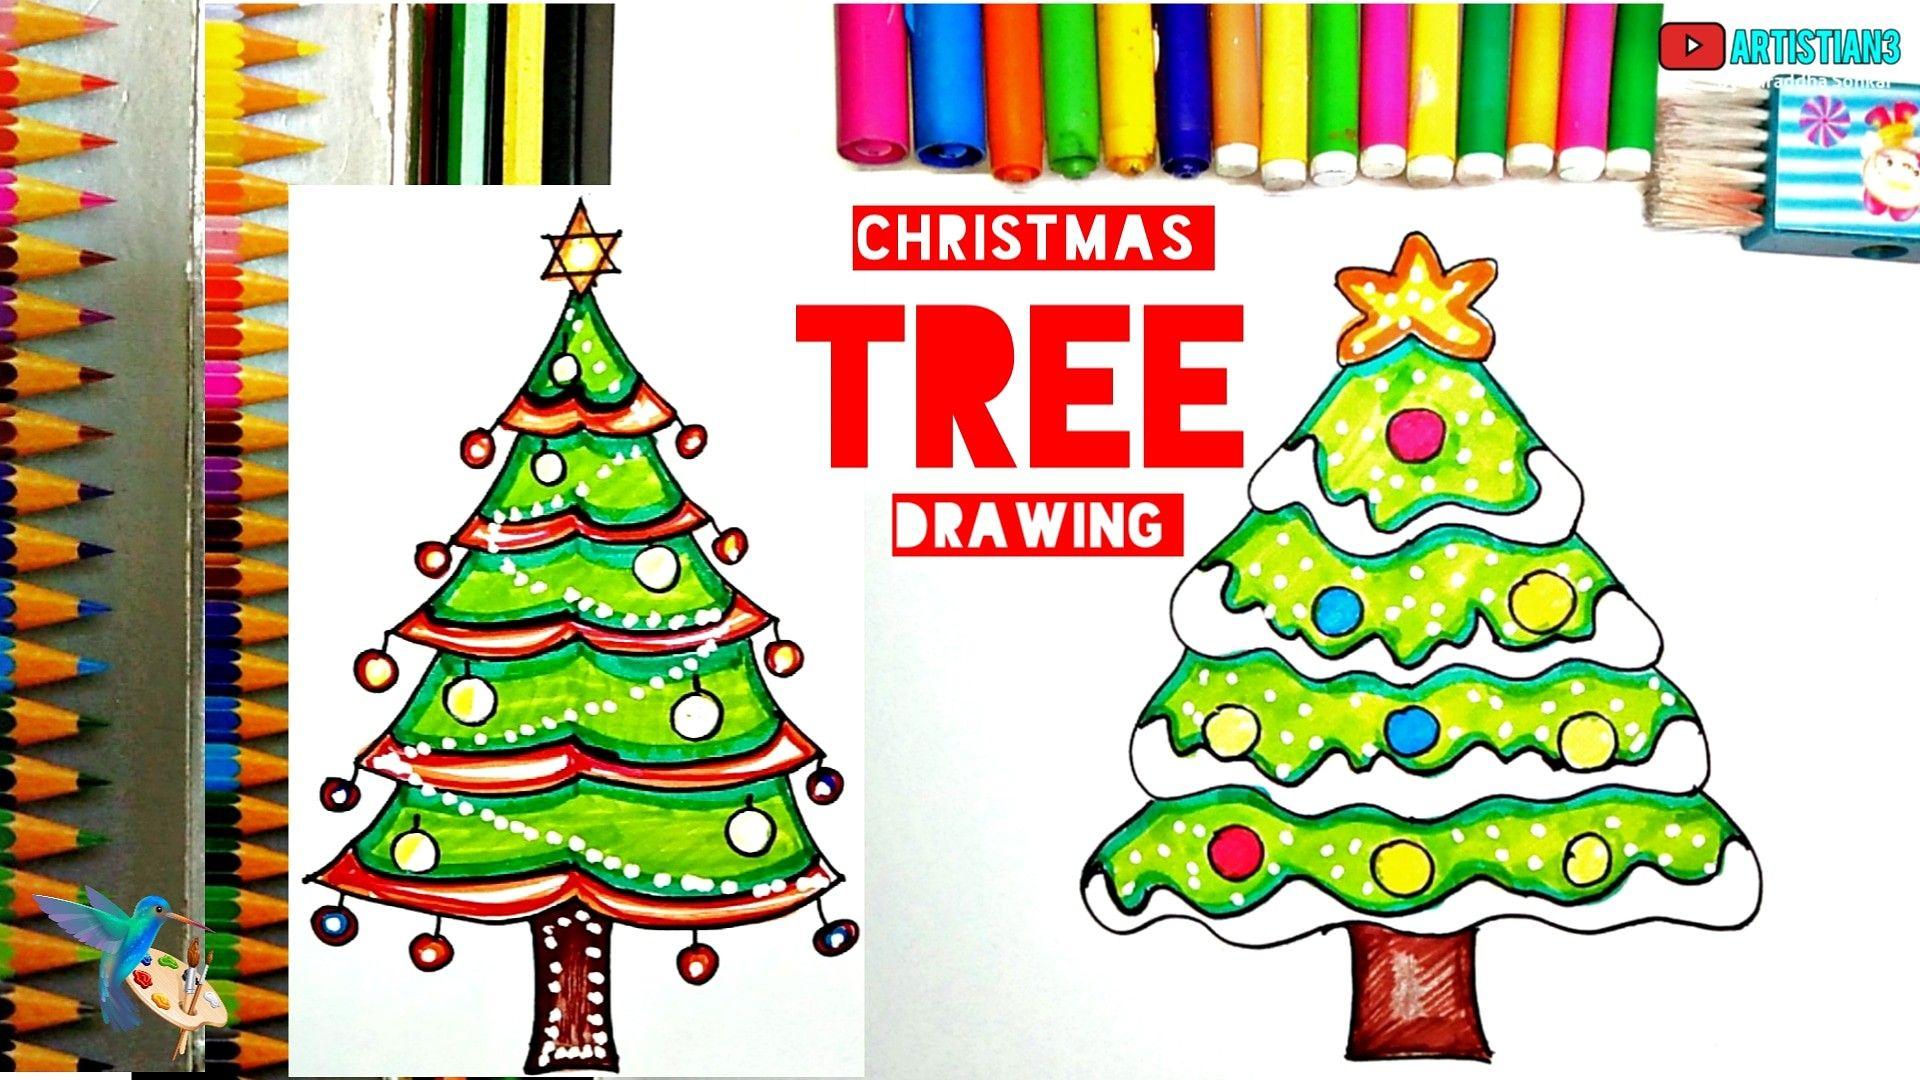 Christmas Tree Drawing For Kid S Christmas Tree Drawing Tree Drawing Tree Drawing For Kids